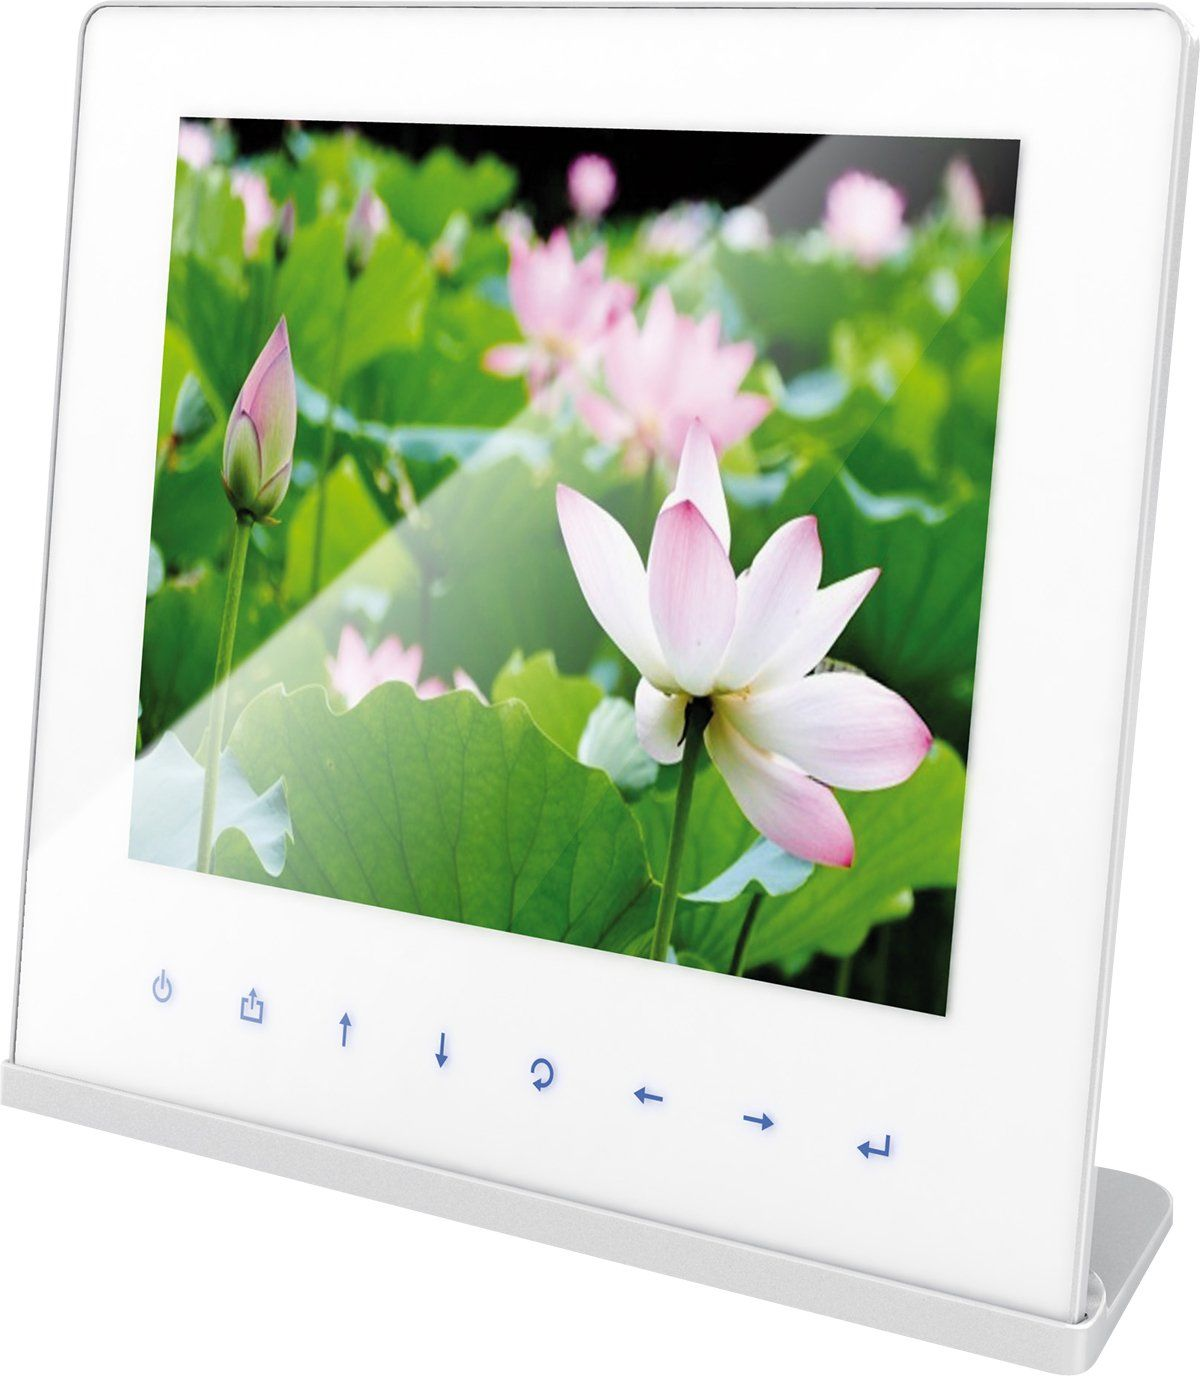 Rollei Designline 3106 WiFi ramka na zdjęcia (26,4 cm (10,4 cala), kolorowy wyświetlacz TFT-LCD, z pilotem zdalnego sterowania, proporcje obrazu 4:3, 128 MB pamięci wewnętrznej), biała